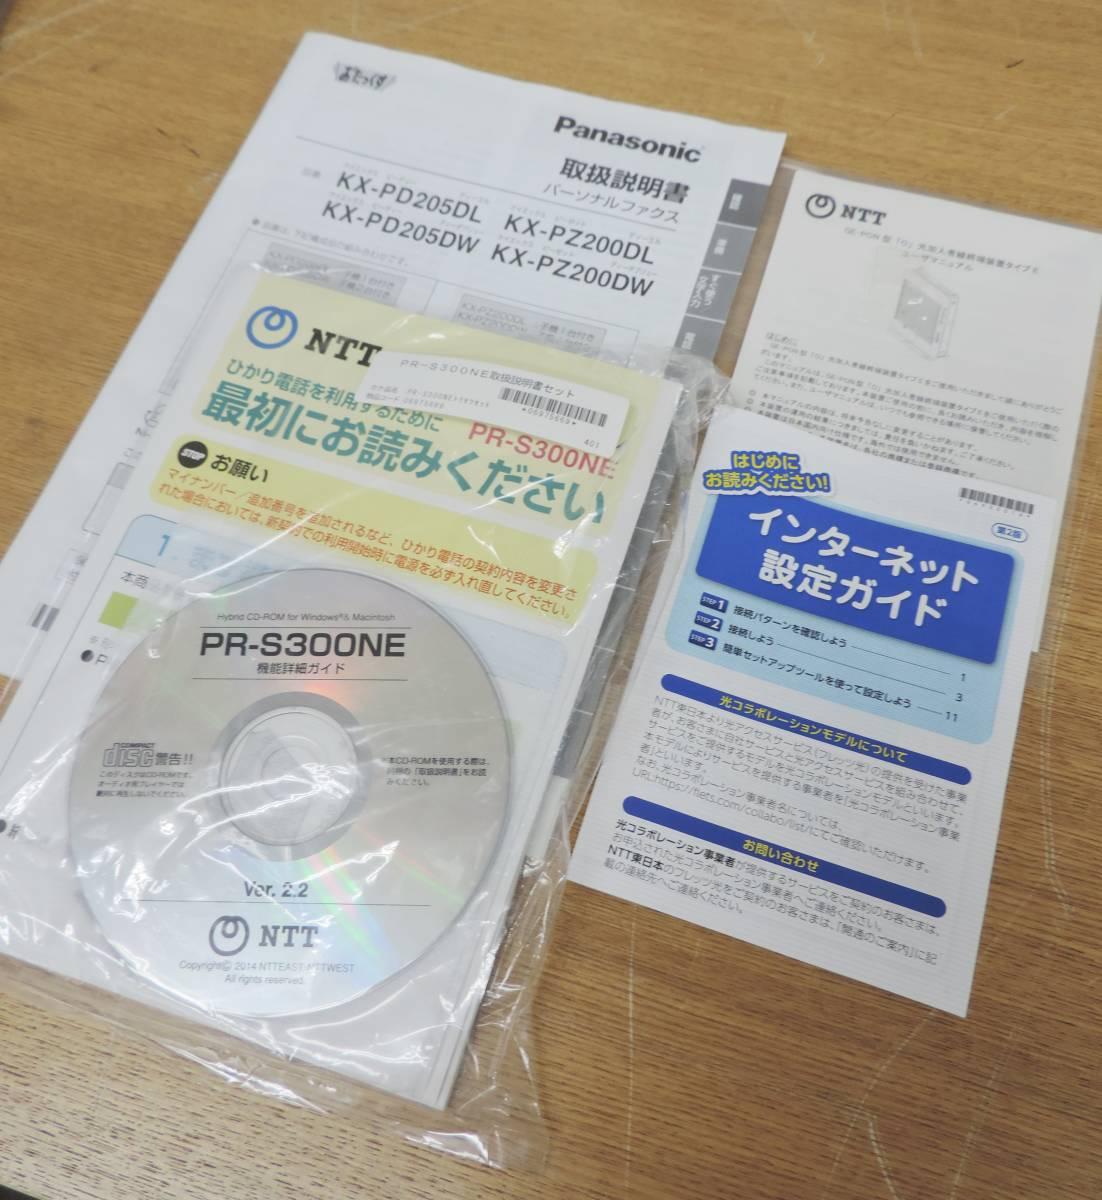 t8176◇Panasonic/パナソニック【KX-PD205DW】パーソナルファクス おたっくす_画像9